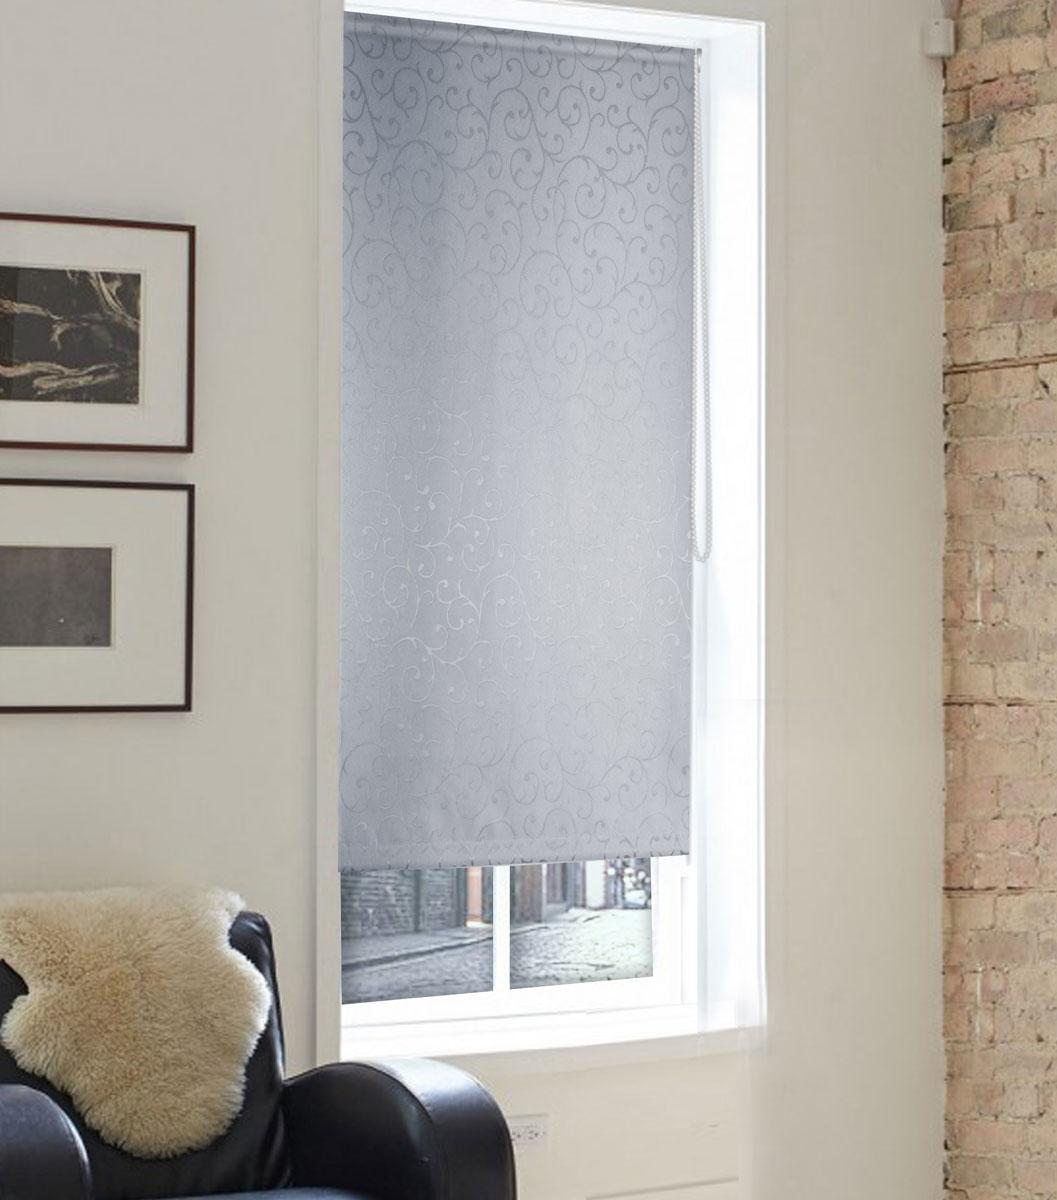 Штора рулонная Эскар Миниролло. Агат, фактурная, цвет: серый, ширина 68 см, высота 160 см39008073170Рулонная штора Эскар Миниролло. Агат выполнена из высокопрочной ткани, которая сохраняет свой размер даже при намокании. Ткань не выцветает и обладает отличной цветоустойчивостью.Миниролло - это подвид рулонных штор, который закрывает не весь оконный проем, а непосредственно само стекло. Такие шторы крепятся на раму без сверления при помощи зажимов или клейкой двухсторонней ленты. Окно остается на гарантии, благодаря монтажу без сверления. Такая штора станет прекрасным элементом декора окна и гармонично впишется в интерьер любого помещения.